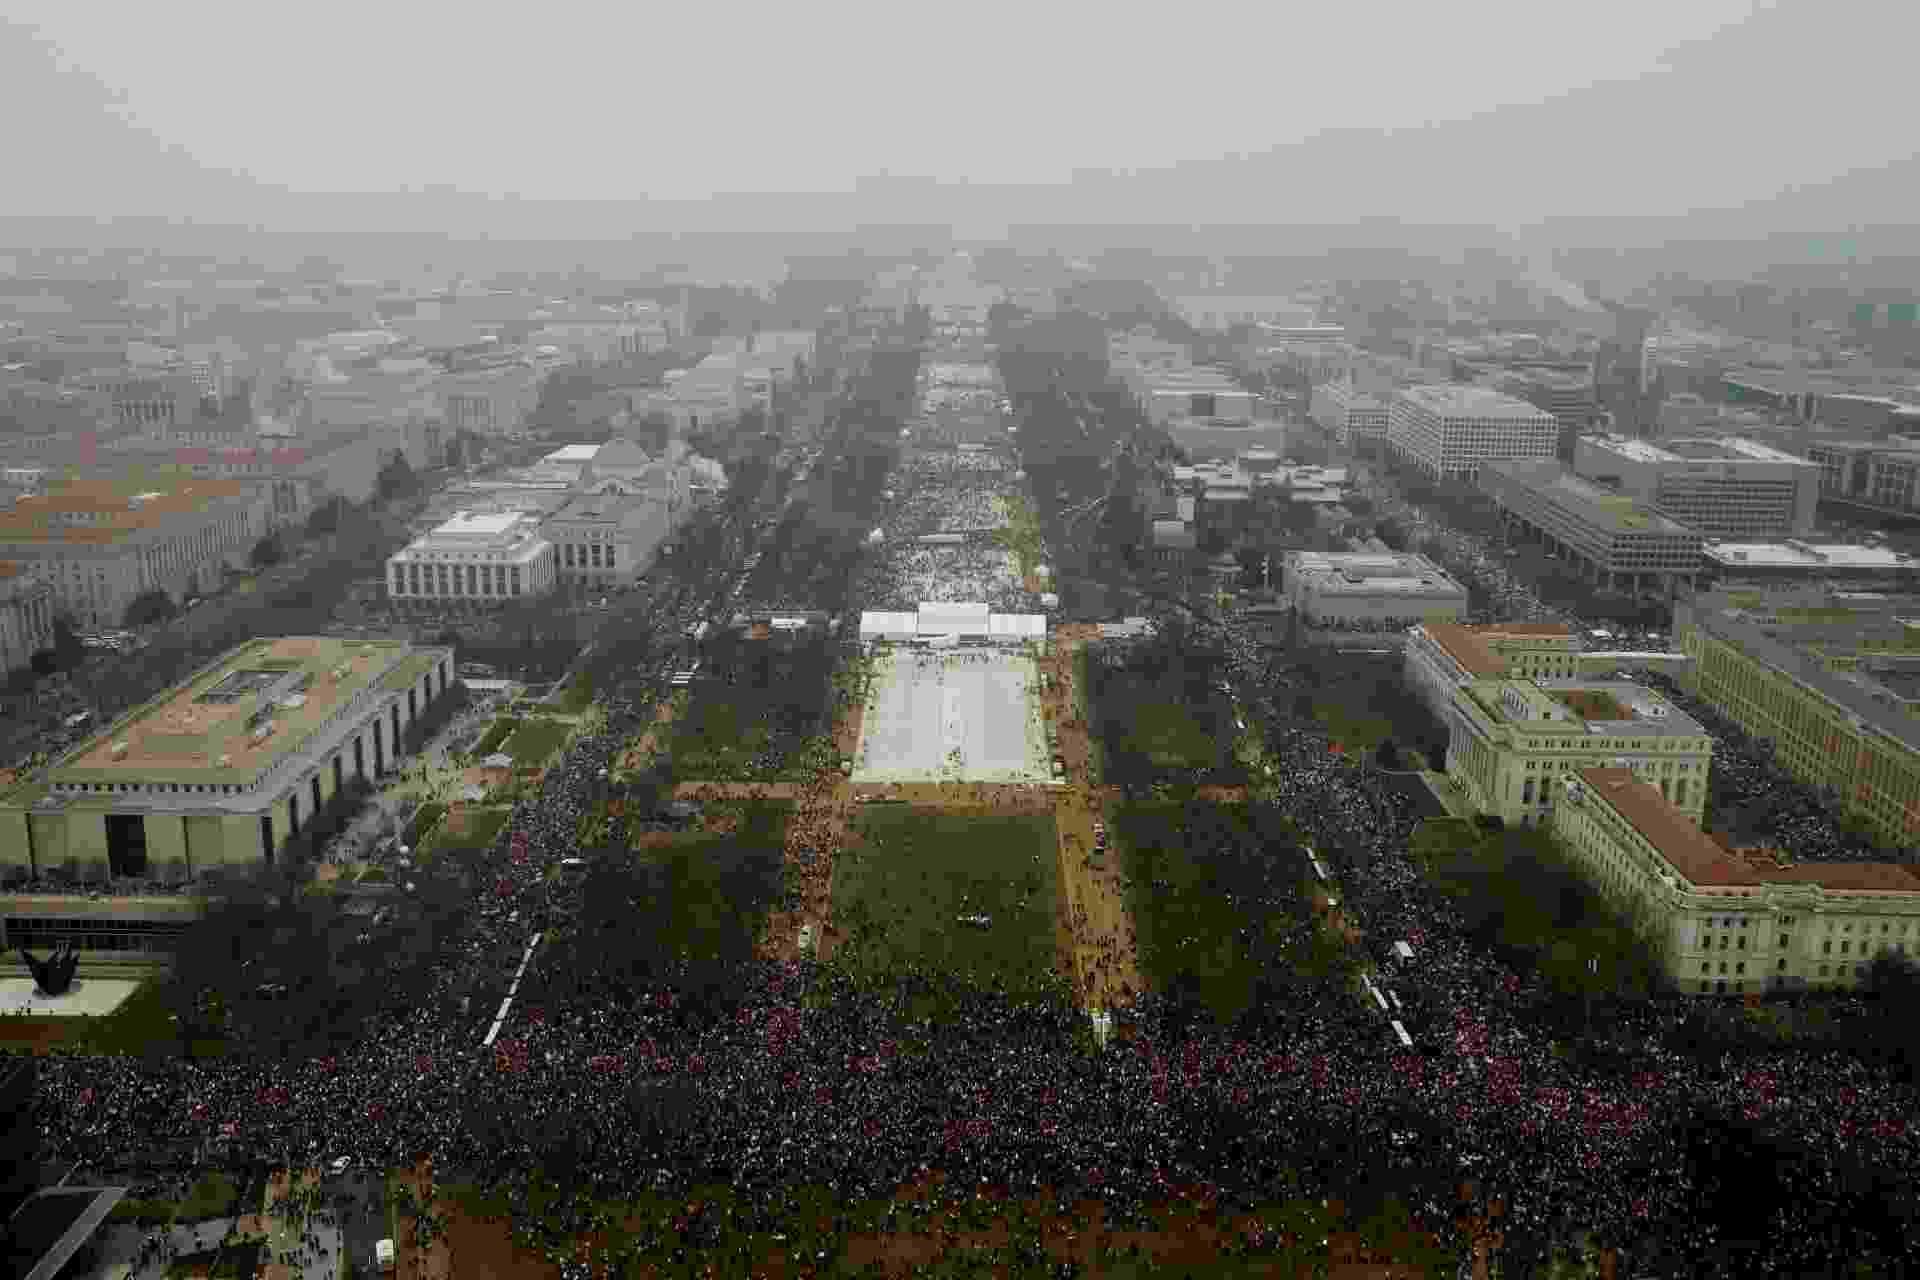 21.jan.2017 - Milhares se reúnem para a Marcha das Mulheres, em protesto contra Donald Trump, em Washington - REUTERS/Lucas Jackson